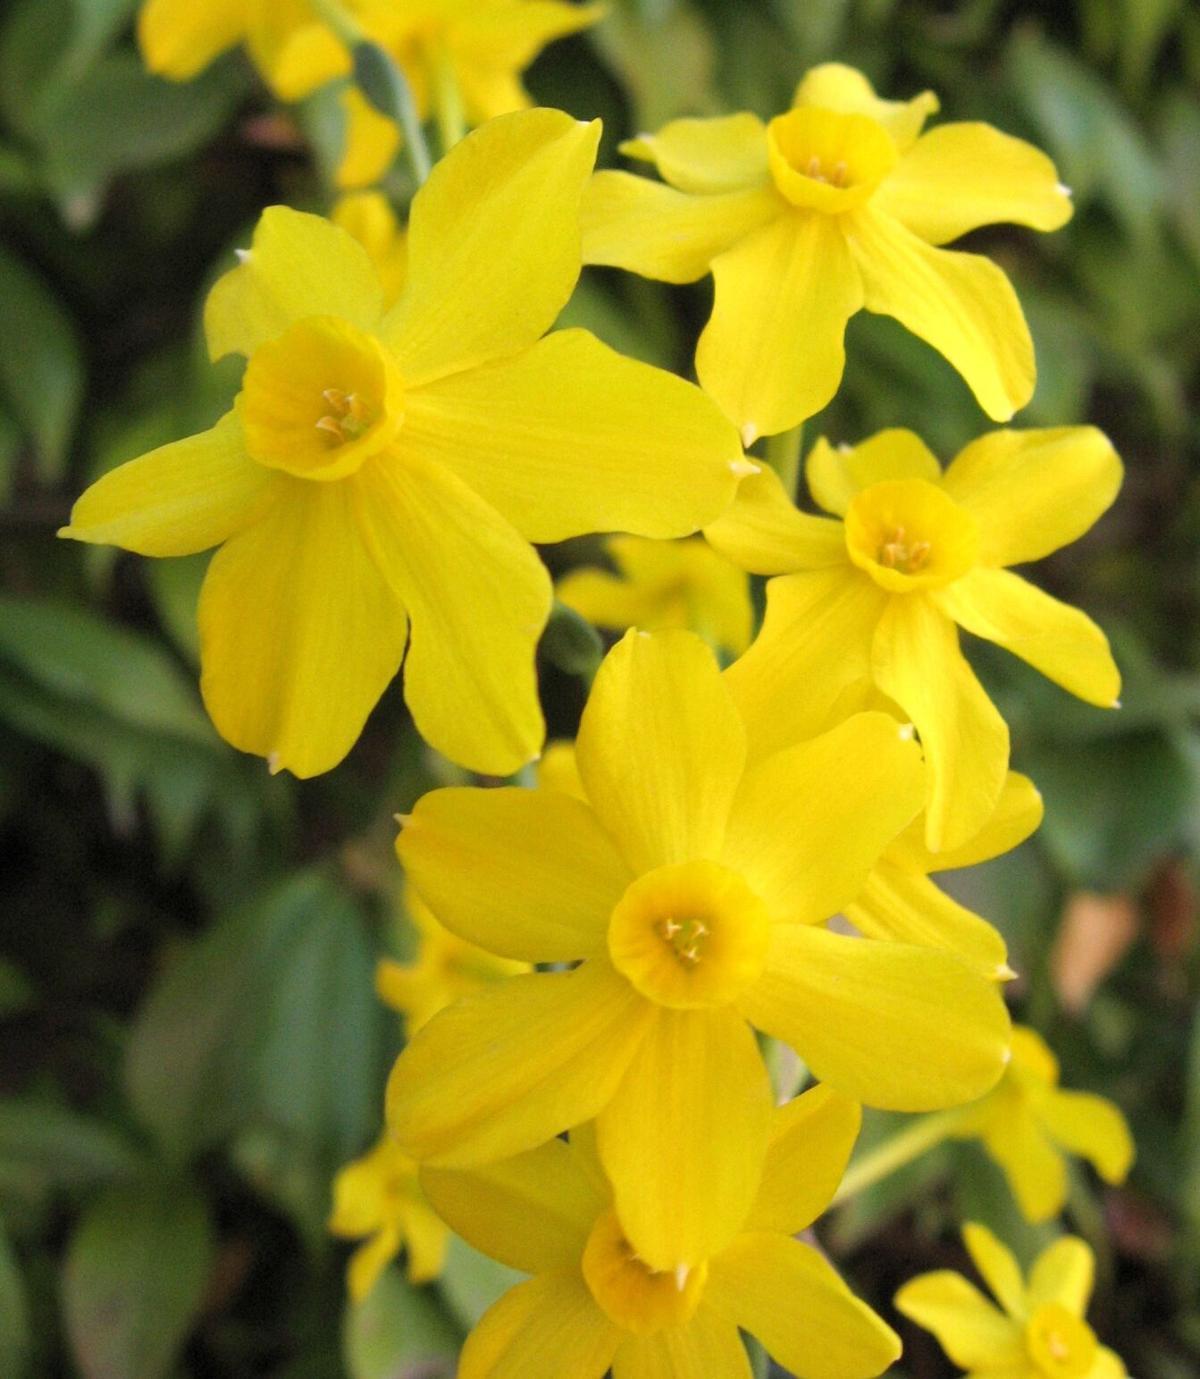 Daffodil Days returns